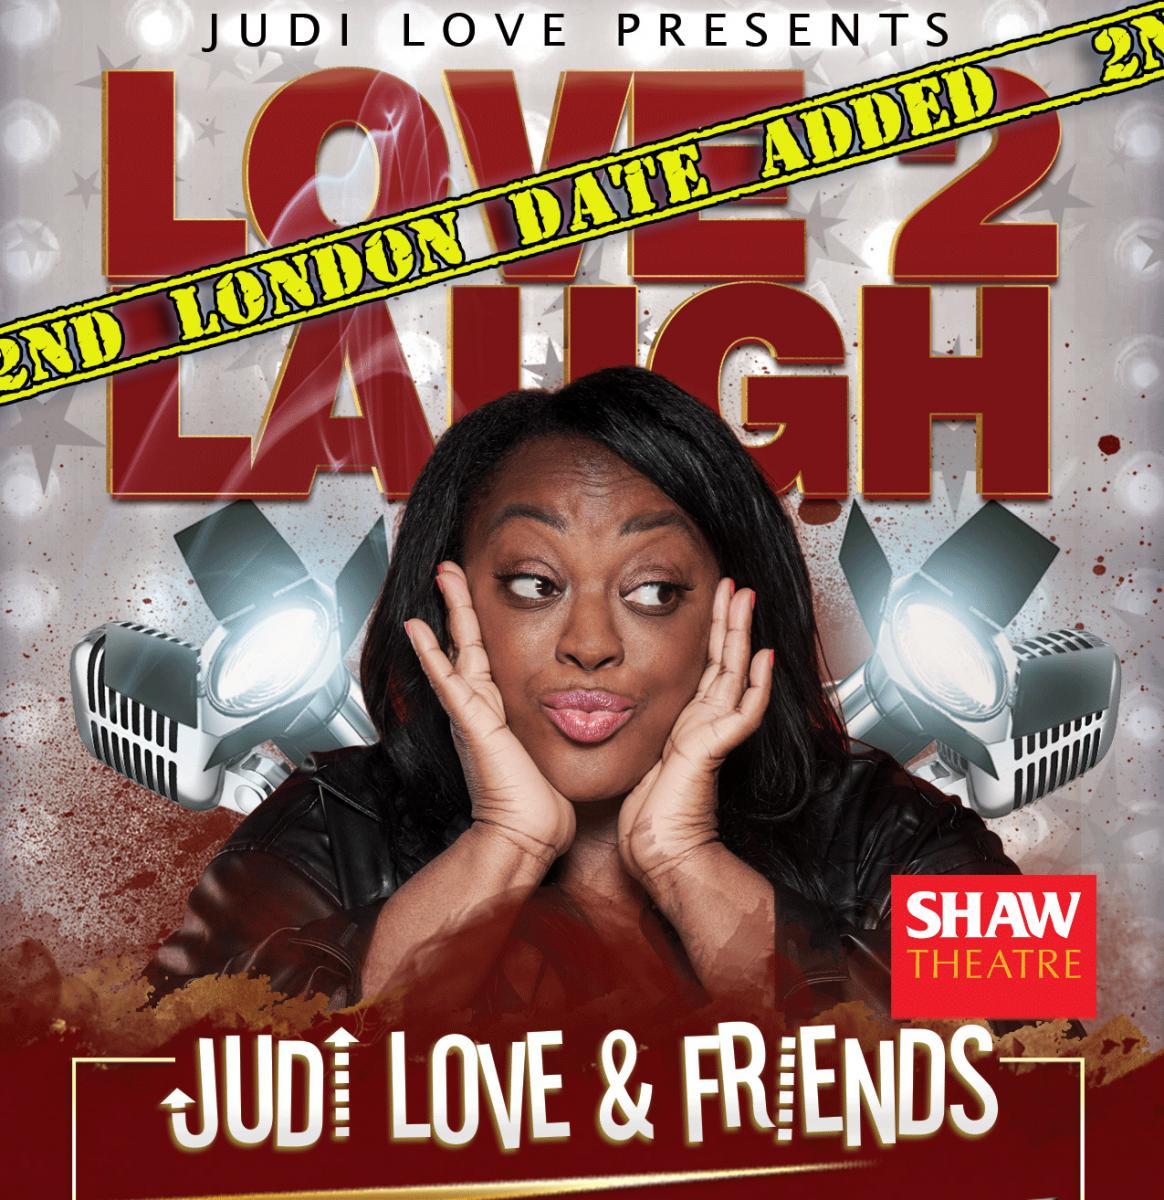 Second Date Added! Judi Love presents Love2Laugh Judi Love and Friends